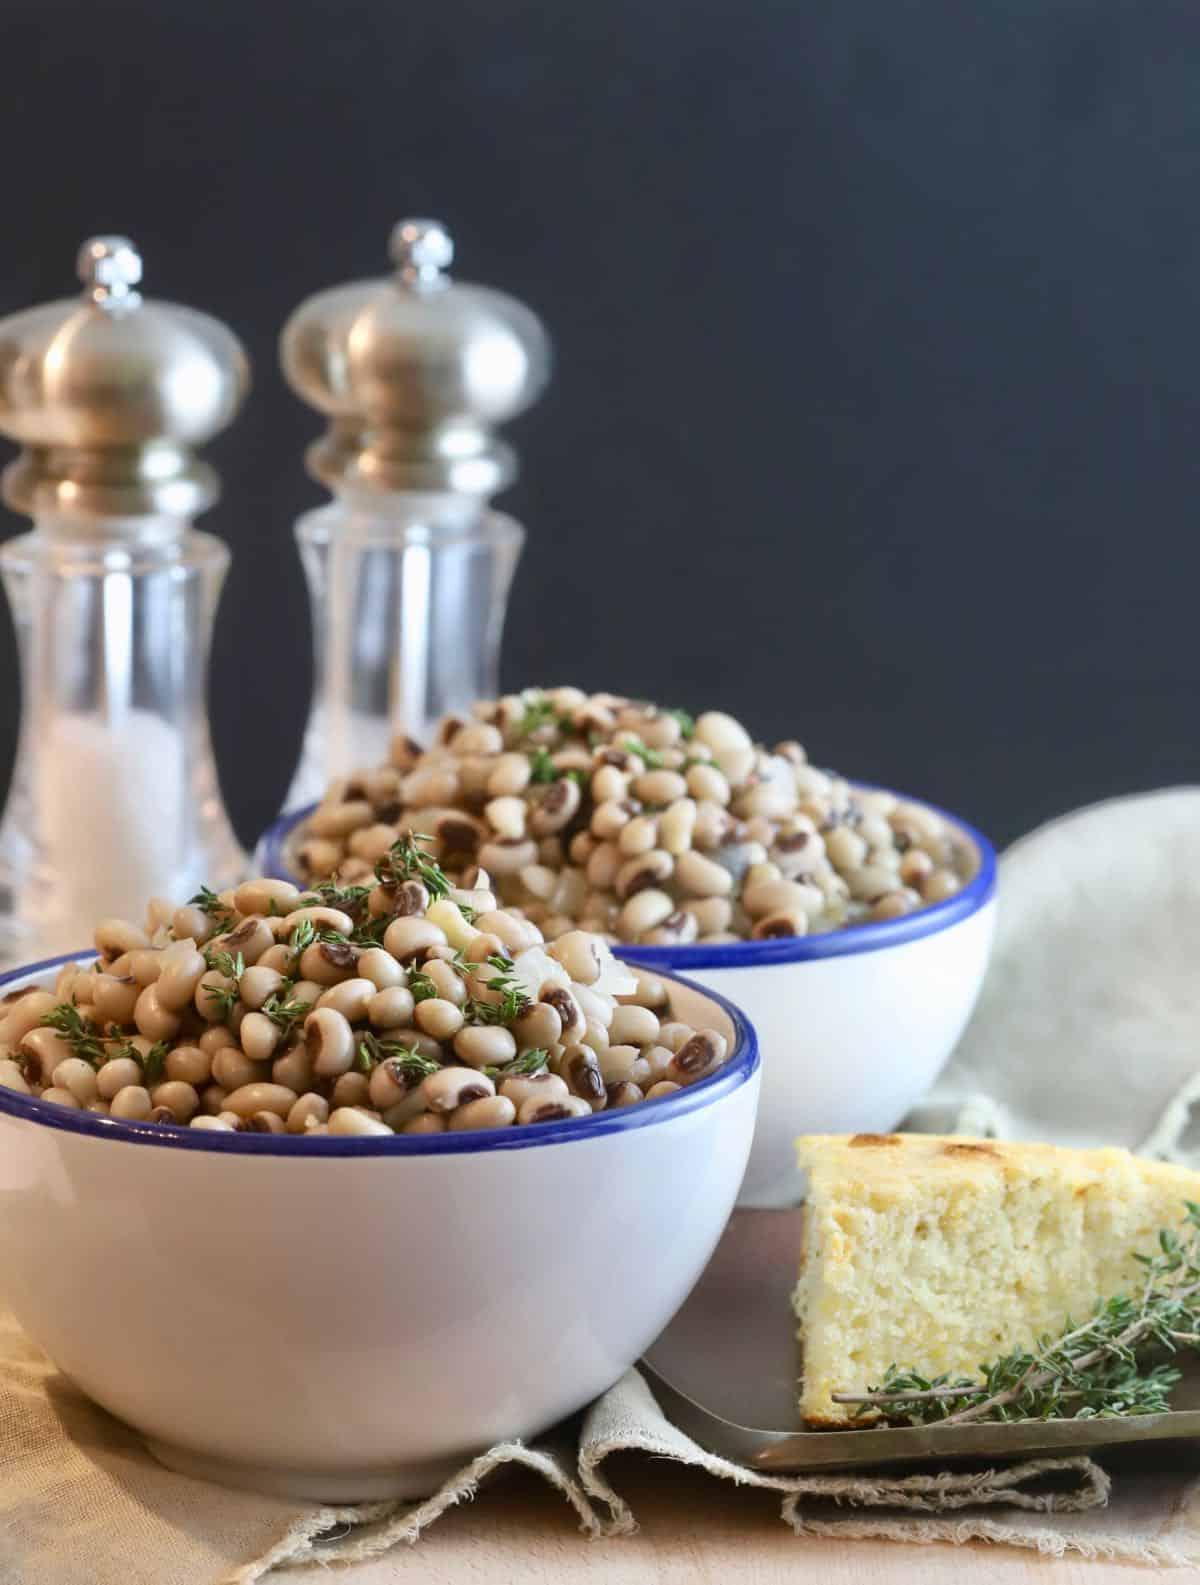 White bowls full of black-eyed peas.